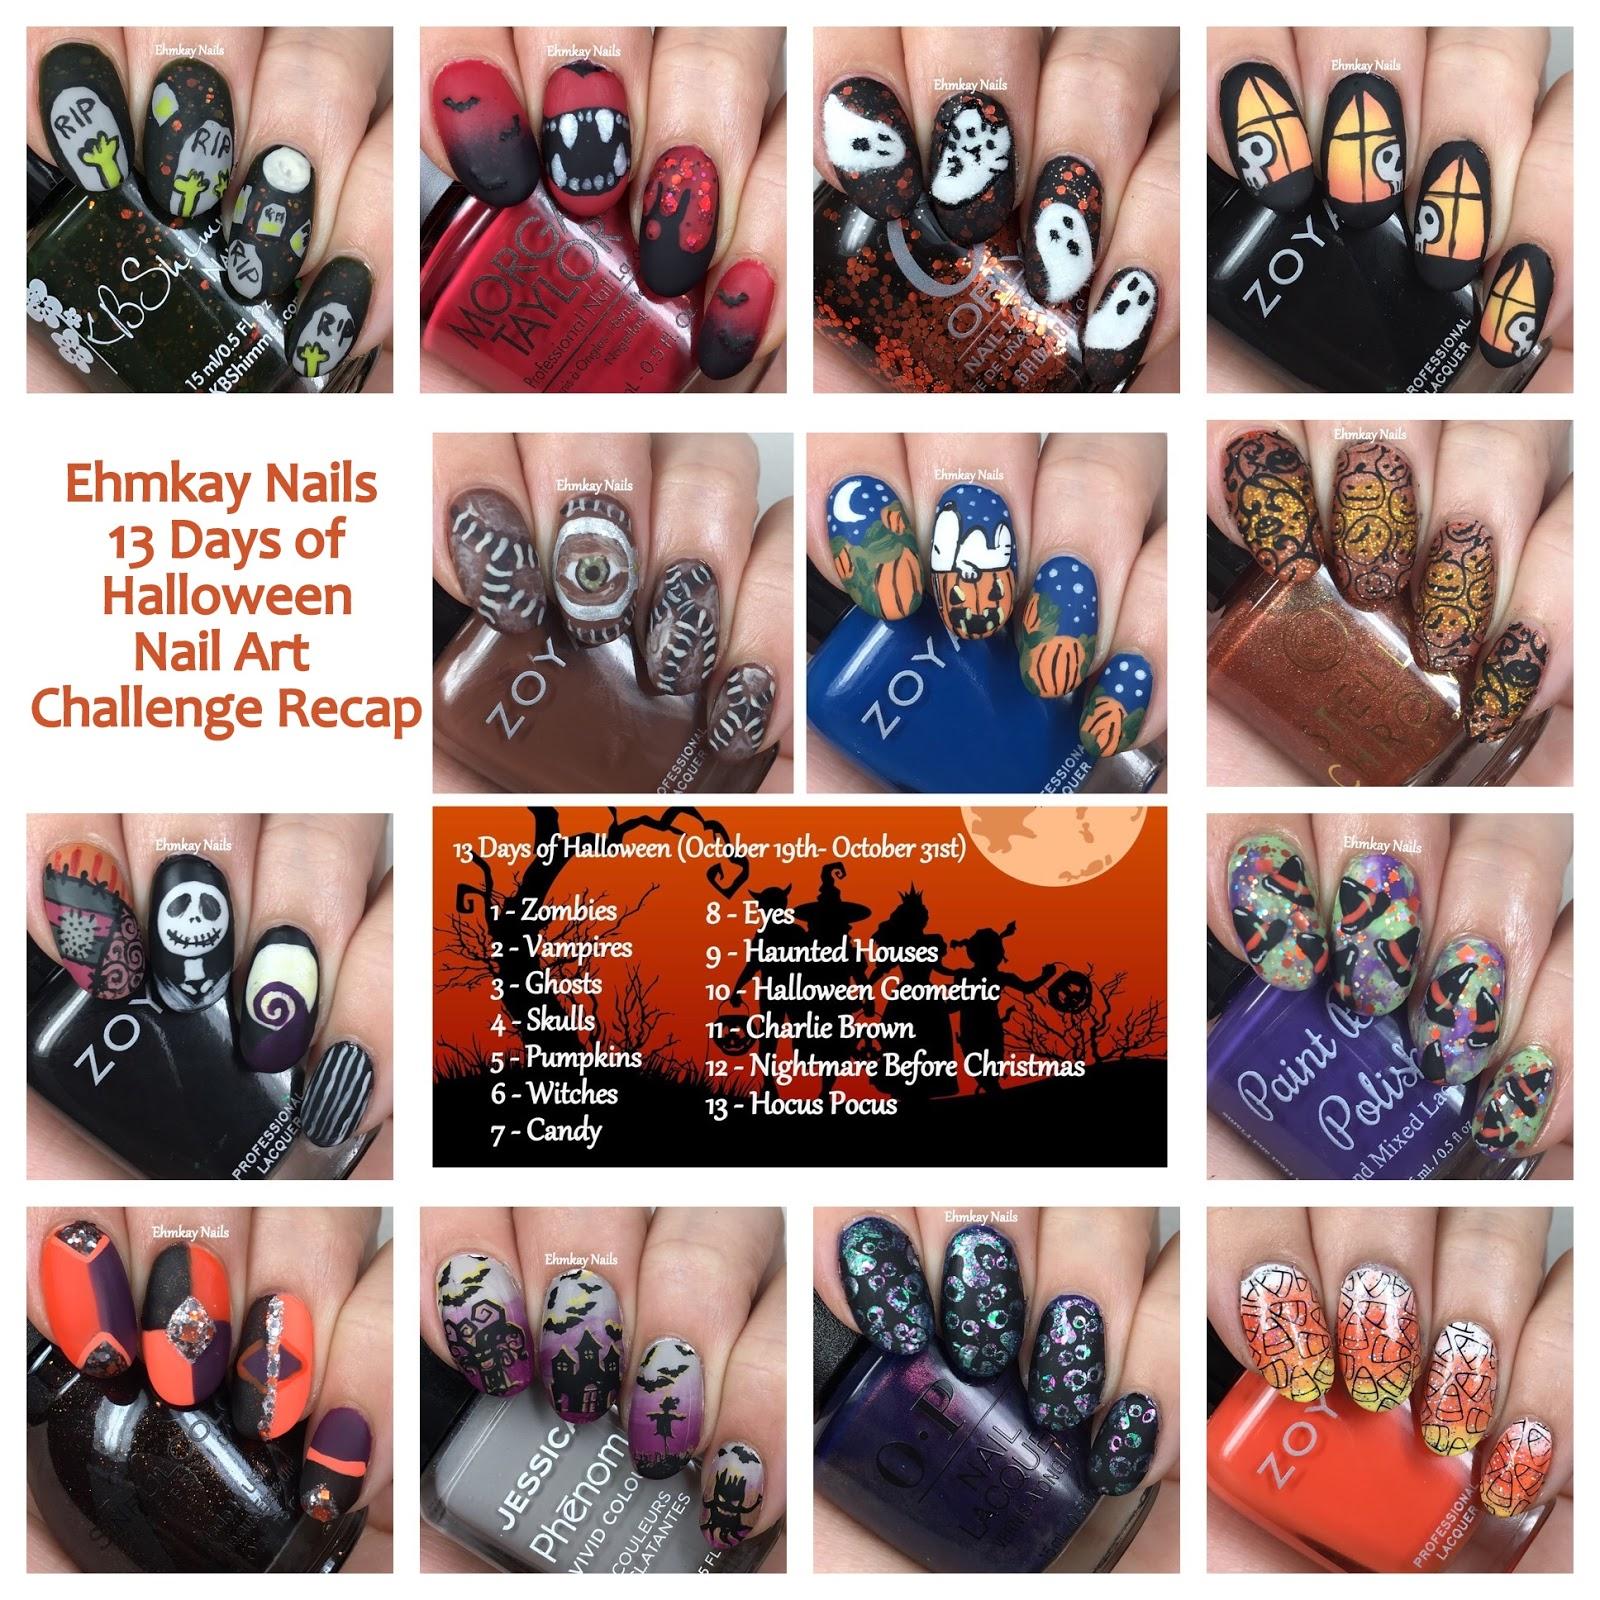 Ehmkay Nails